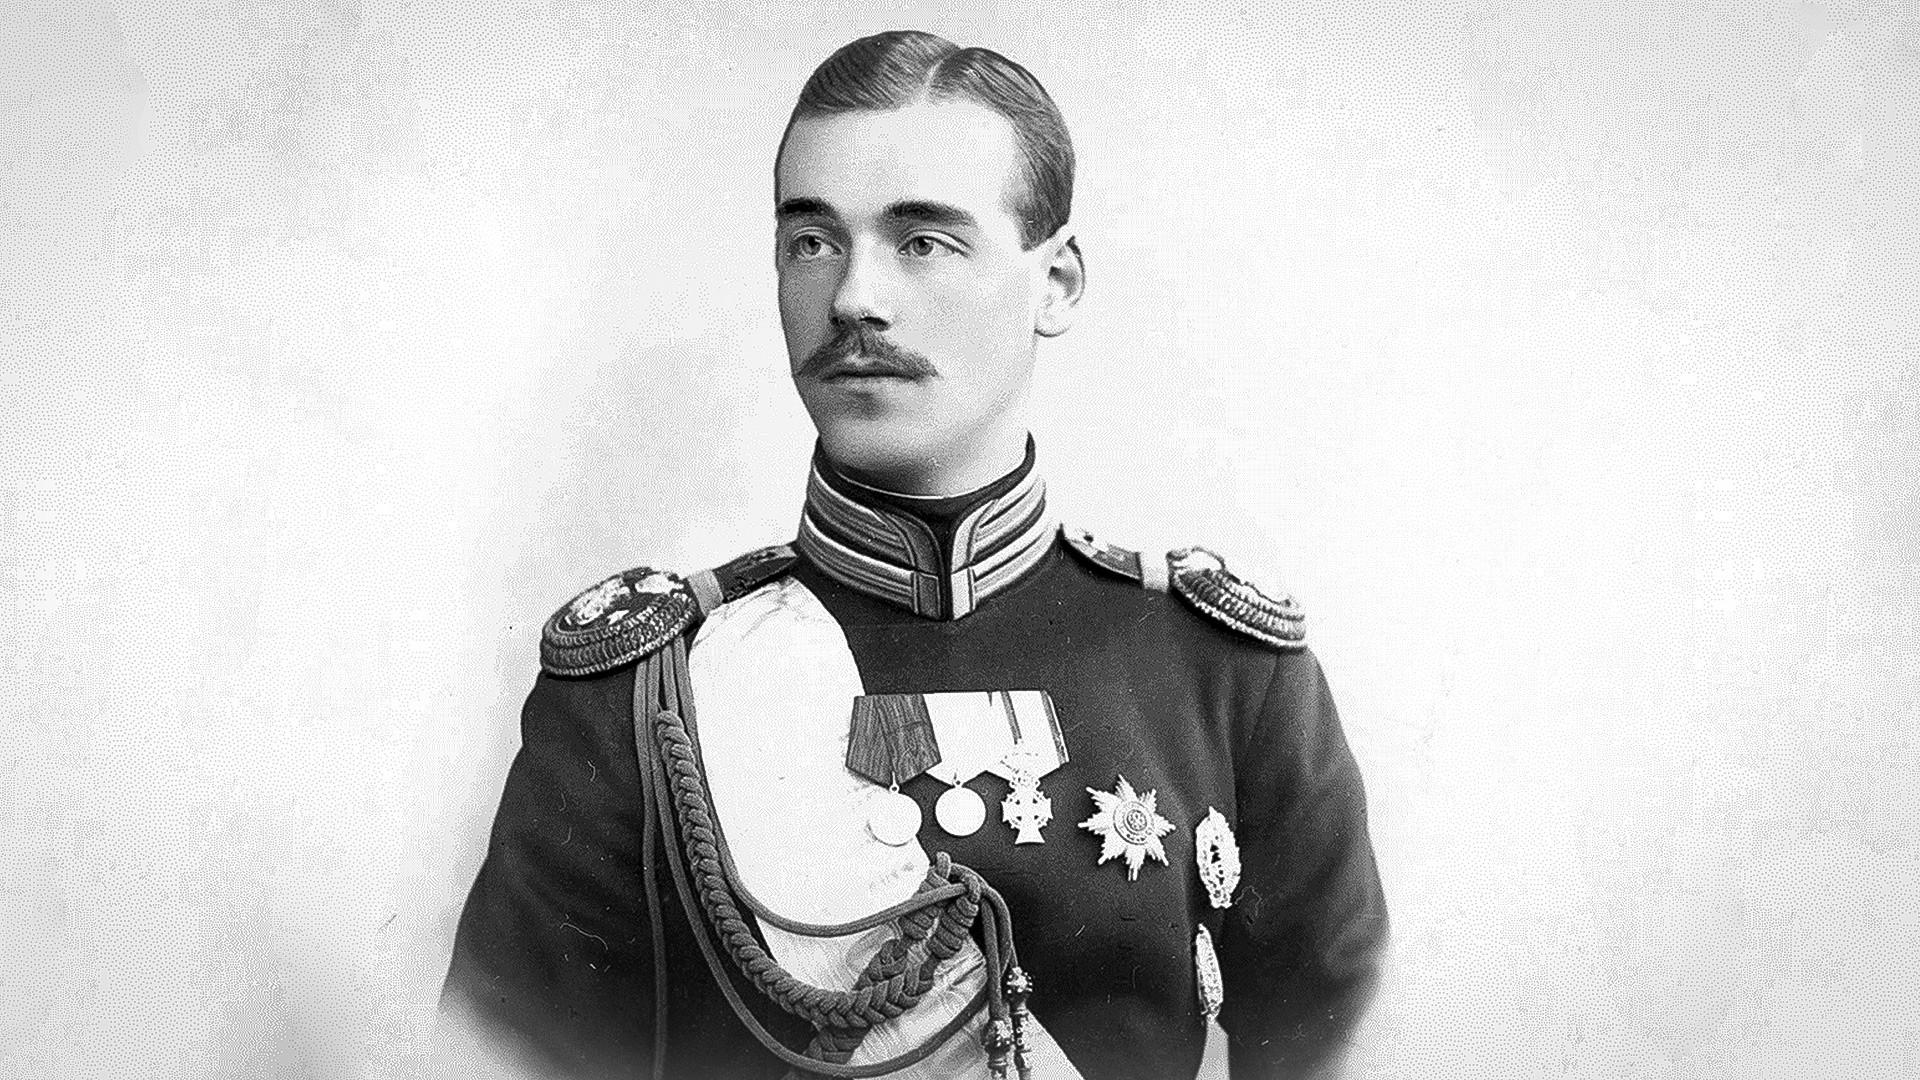 Le Grand-Duc Mikhaïl Alexandrovitch